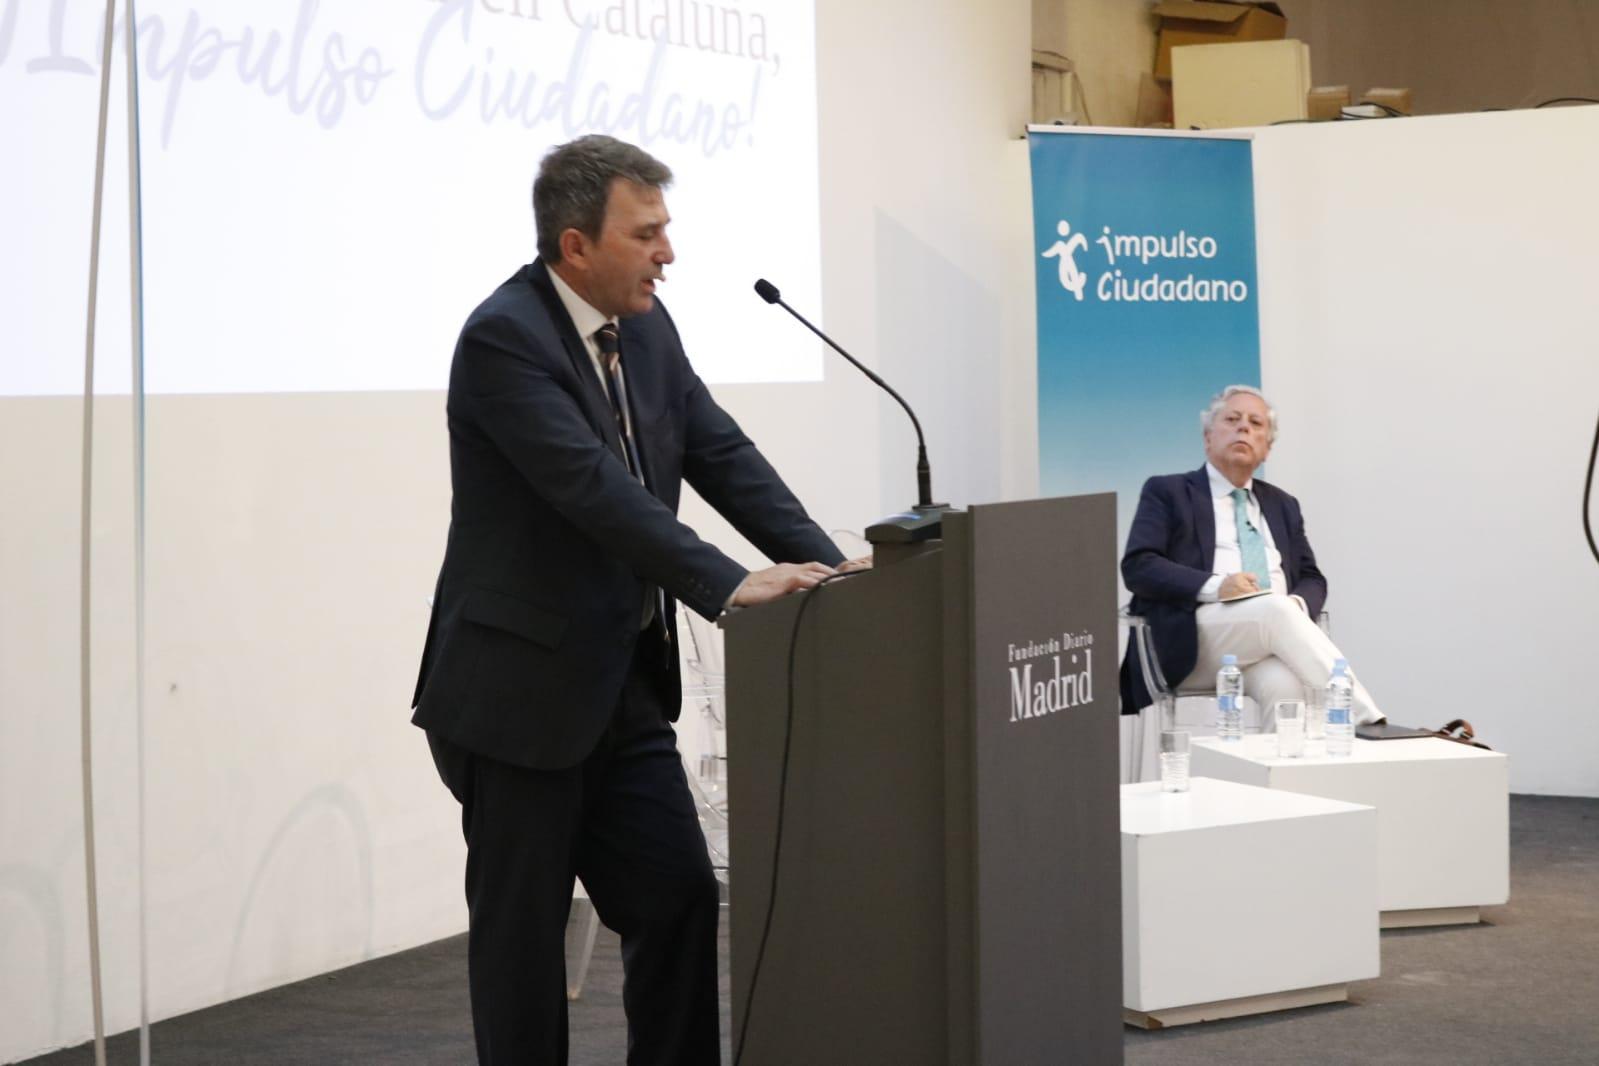 Exitosa Presentación De Impulso Ciudadano En Madrid